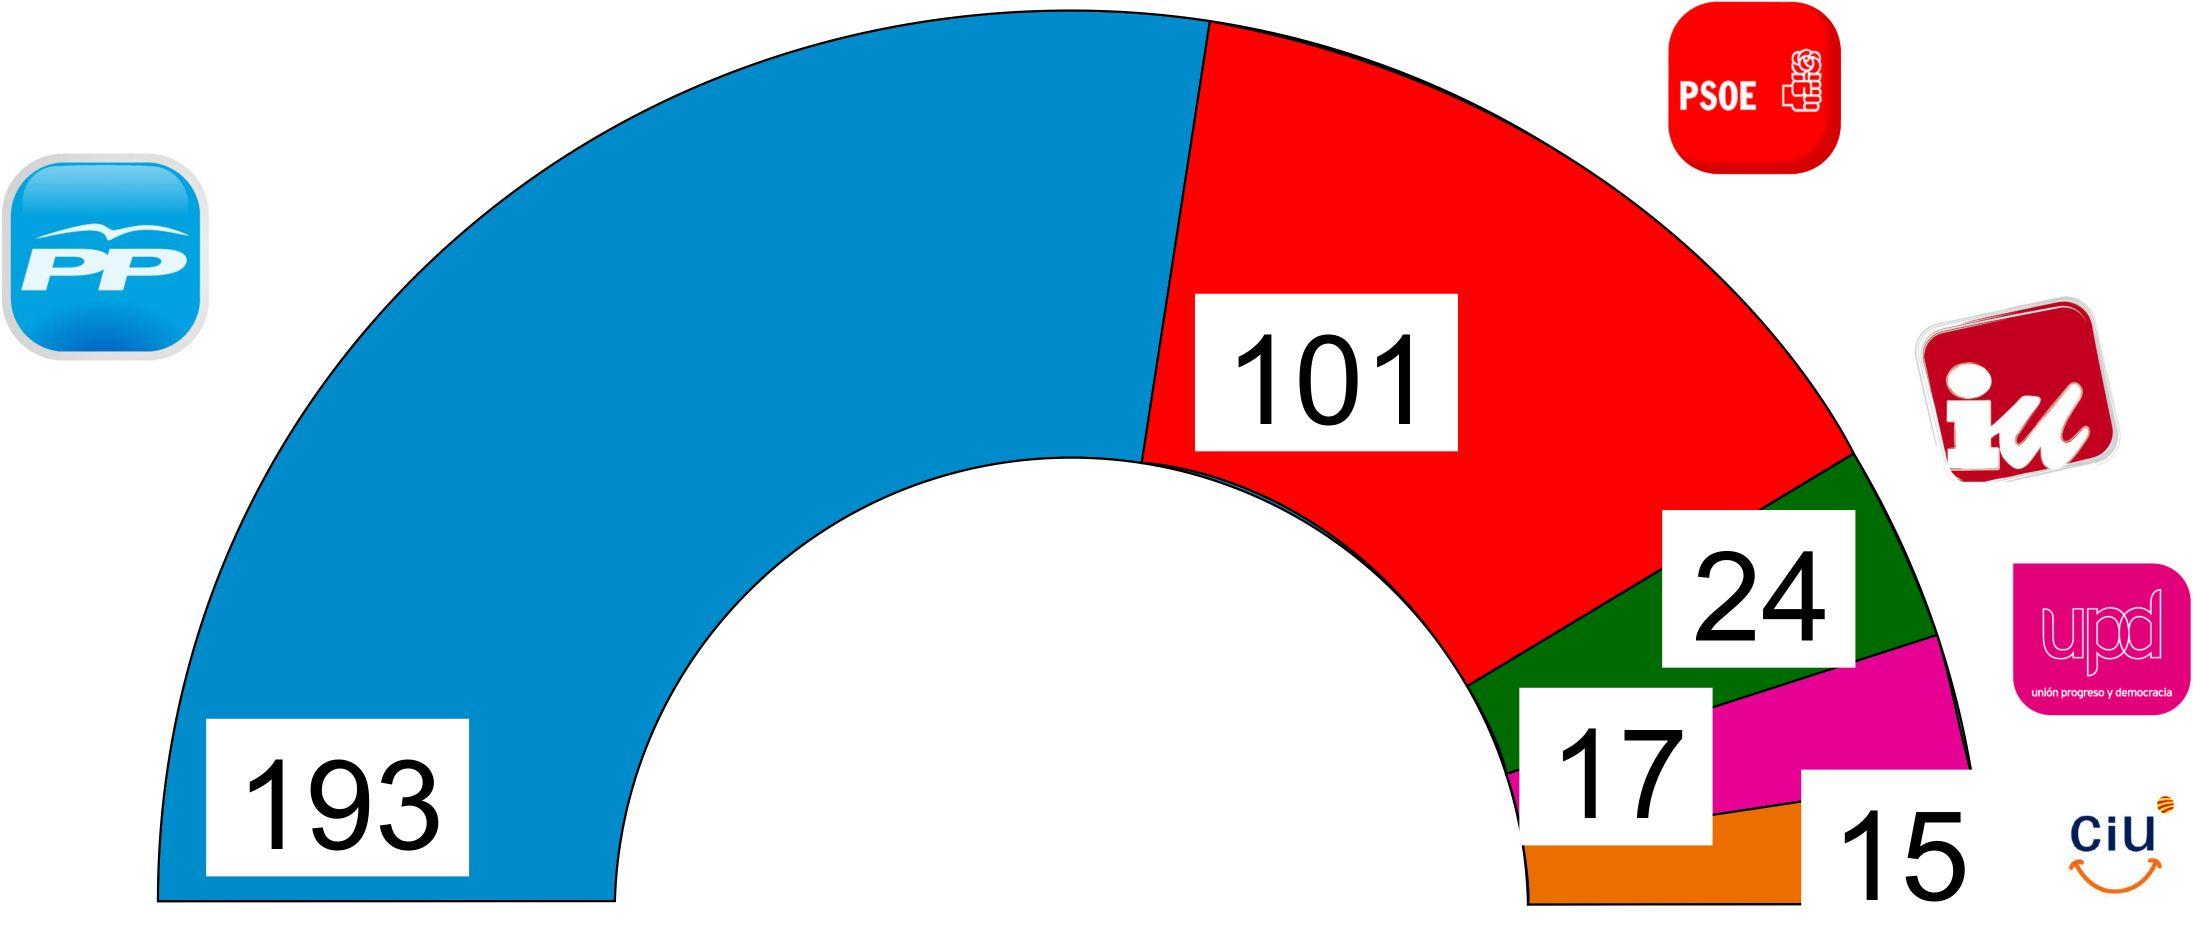 resized_elecciones_italia